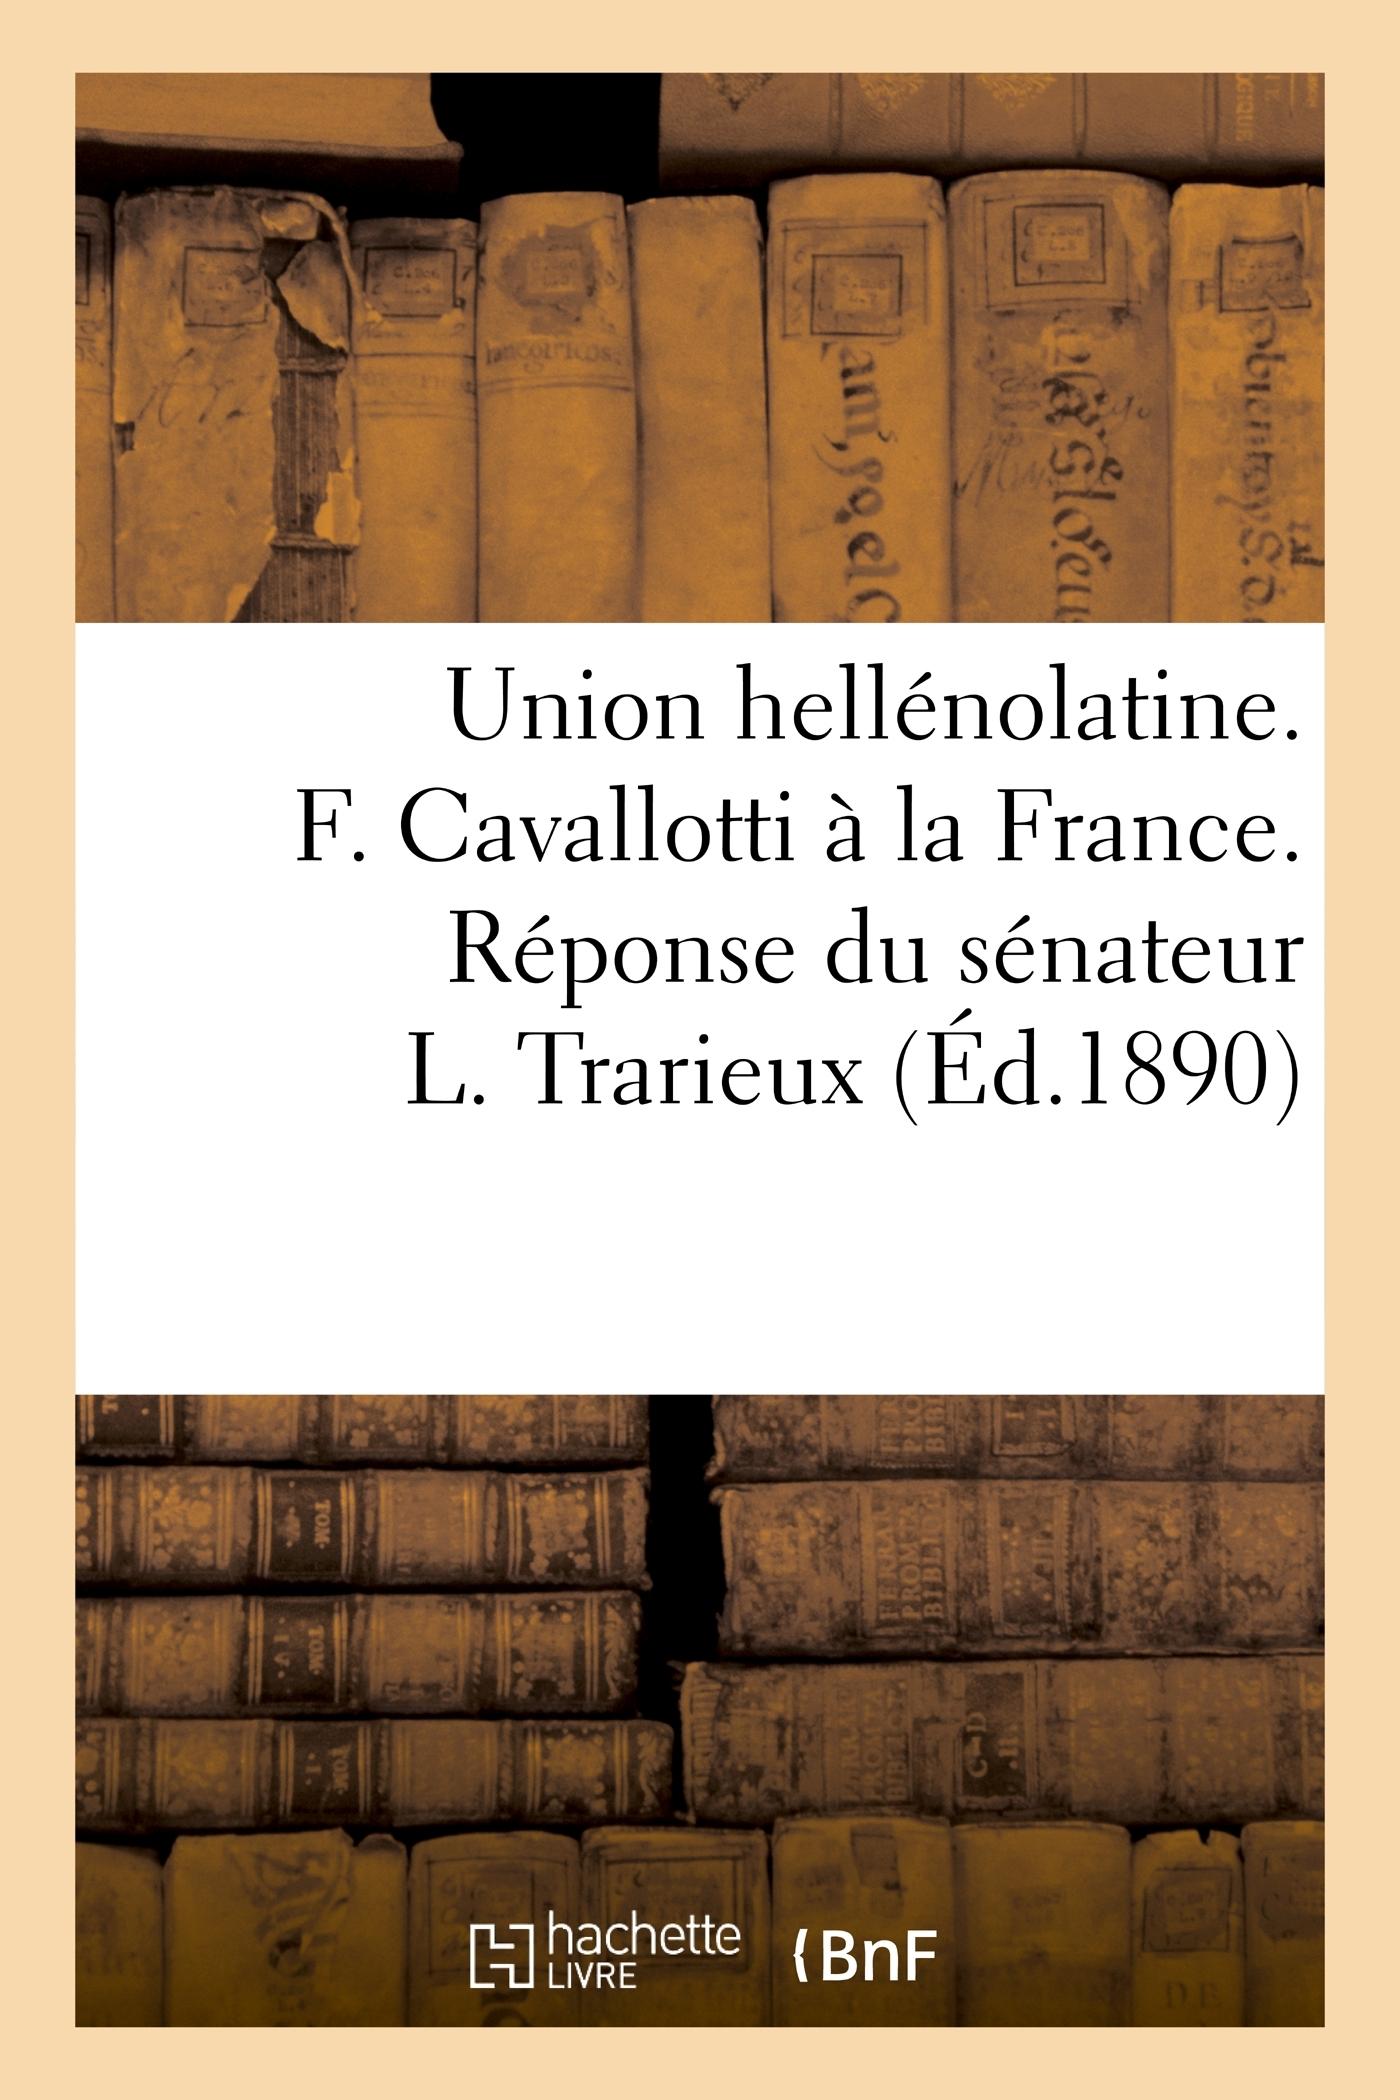 UNION HELLENOLATINE. F. CAVALLOTTI A LA FRANCE. REPONSE DU SENATEUR L. TRARIEUX